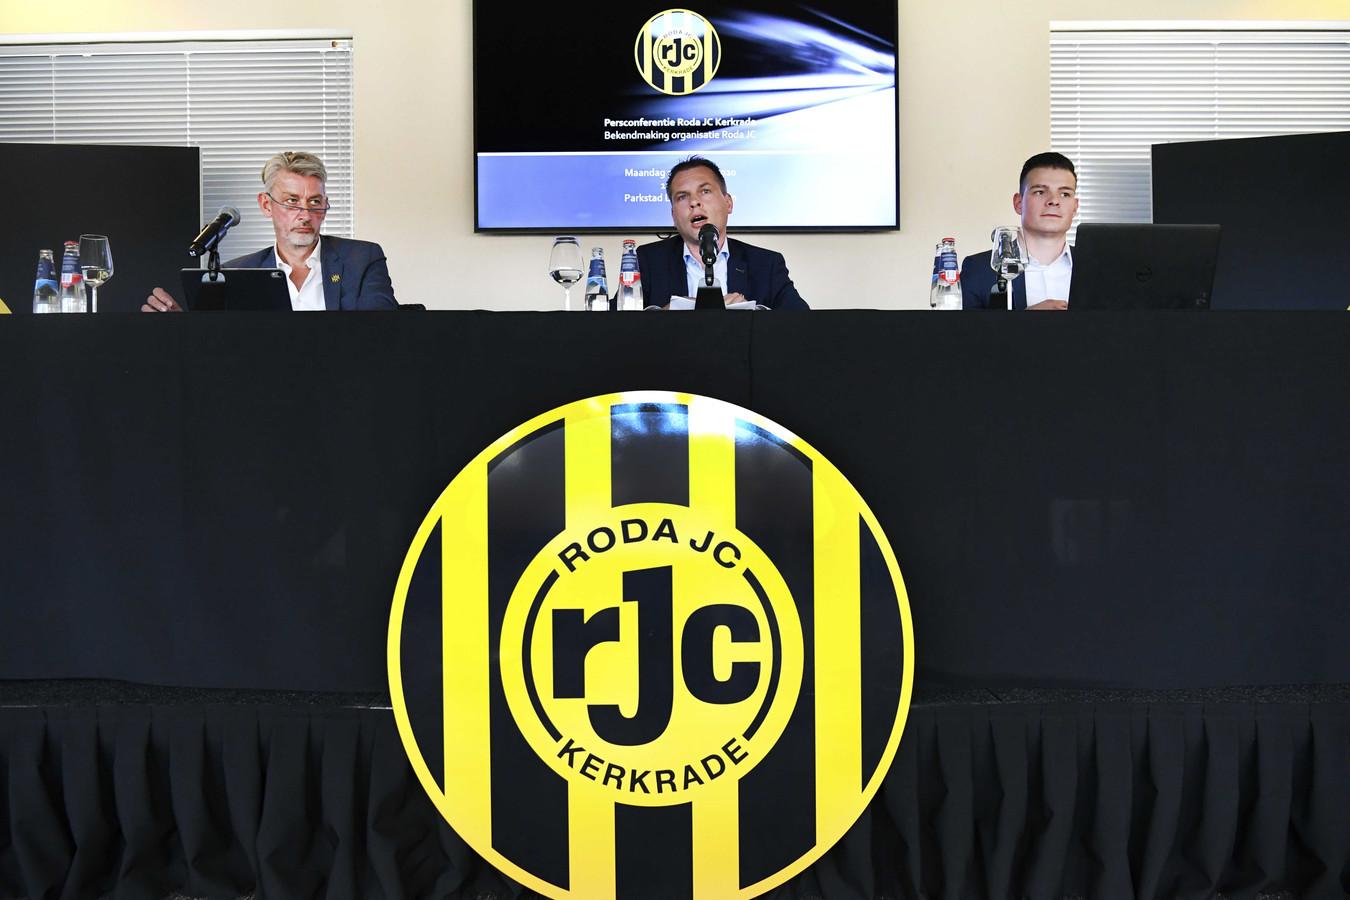 Joop Janssen, Martijn Wismans en persvoorlichter Mark Maas tijdens de persconferentie waar de nieuwe bestuursorganisatie bekend wordt gemaakt.